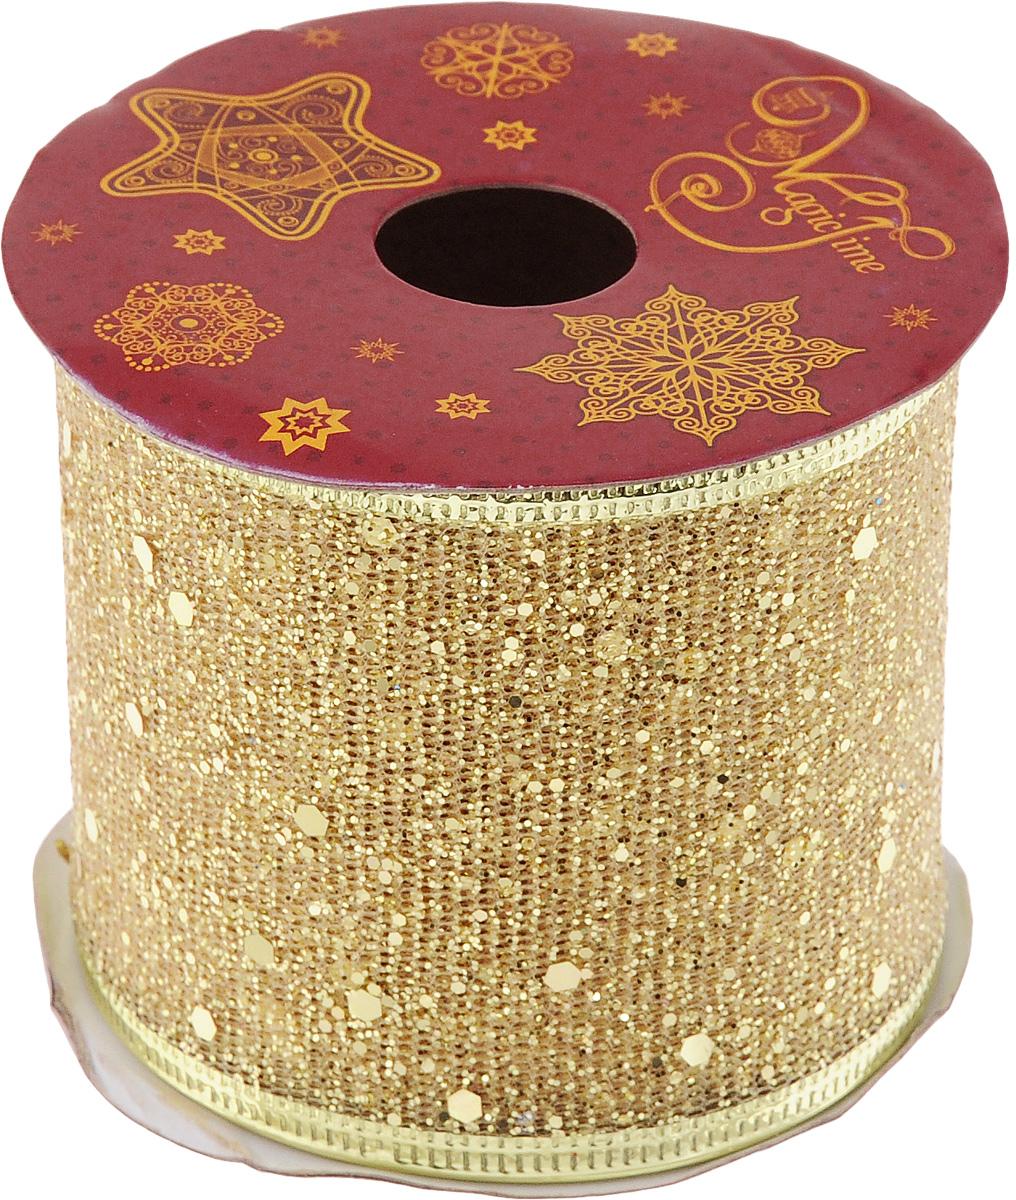 Лента новогодняя Magic Time Конфетти, цвет: золотистый, 6,3 см х 2,7 м42801Декоративная лента Magic Time Конфетти выполнена из полиэстера. В края ленты вставлена проволока, благодаря чему ее легко фиксировать. Она предназначена для оформления подарочных коробок, пакетов. Кроме того, декоративная лента с успехом применяется для художественного оформления витрин, праздничного оформления помещений, изготовления искусственных цветов. Декоративная лента украсит интерьер вашего дома к праздникам. Ширина ленты: 6,3 см.